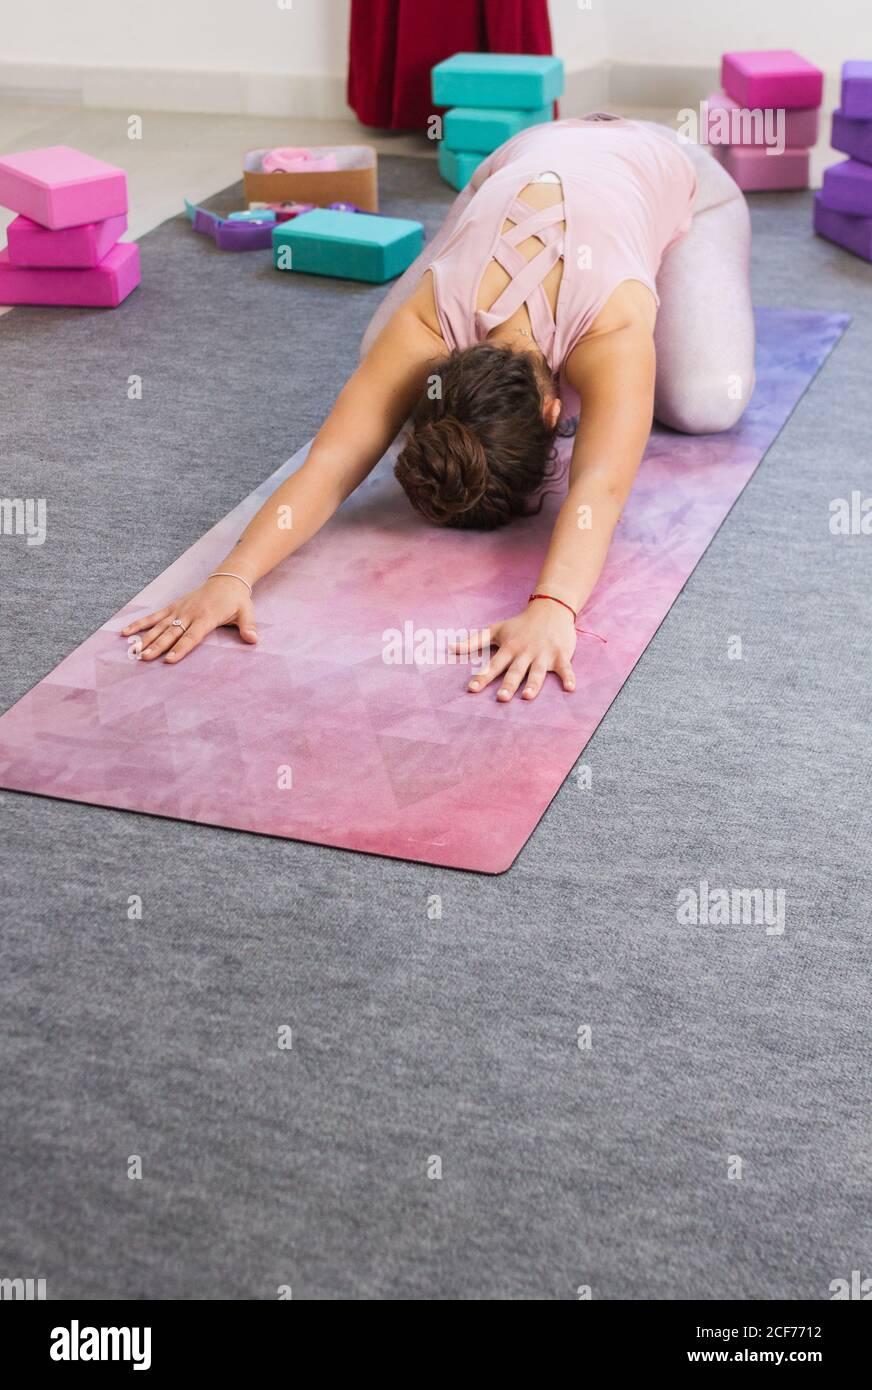 Morena Deportiva Flexible Haciendo Postura De Yoga Fotografia De Stock Alamy Añade nosotros los guapos a tus favoritos y. alamy